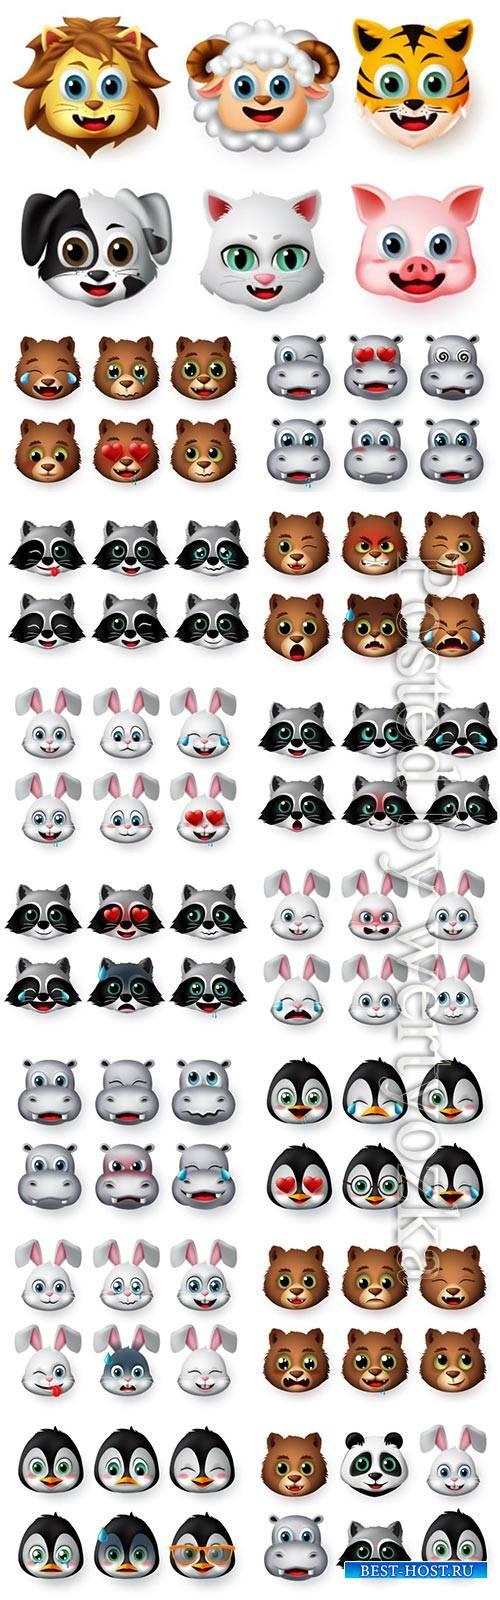 Animals emoji and emoticon happy face vector set